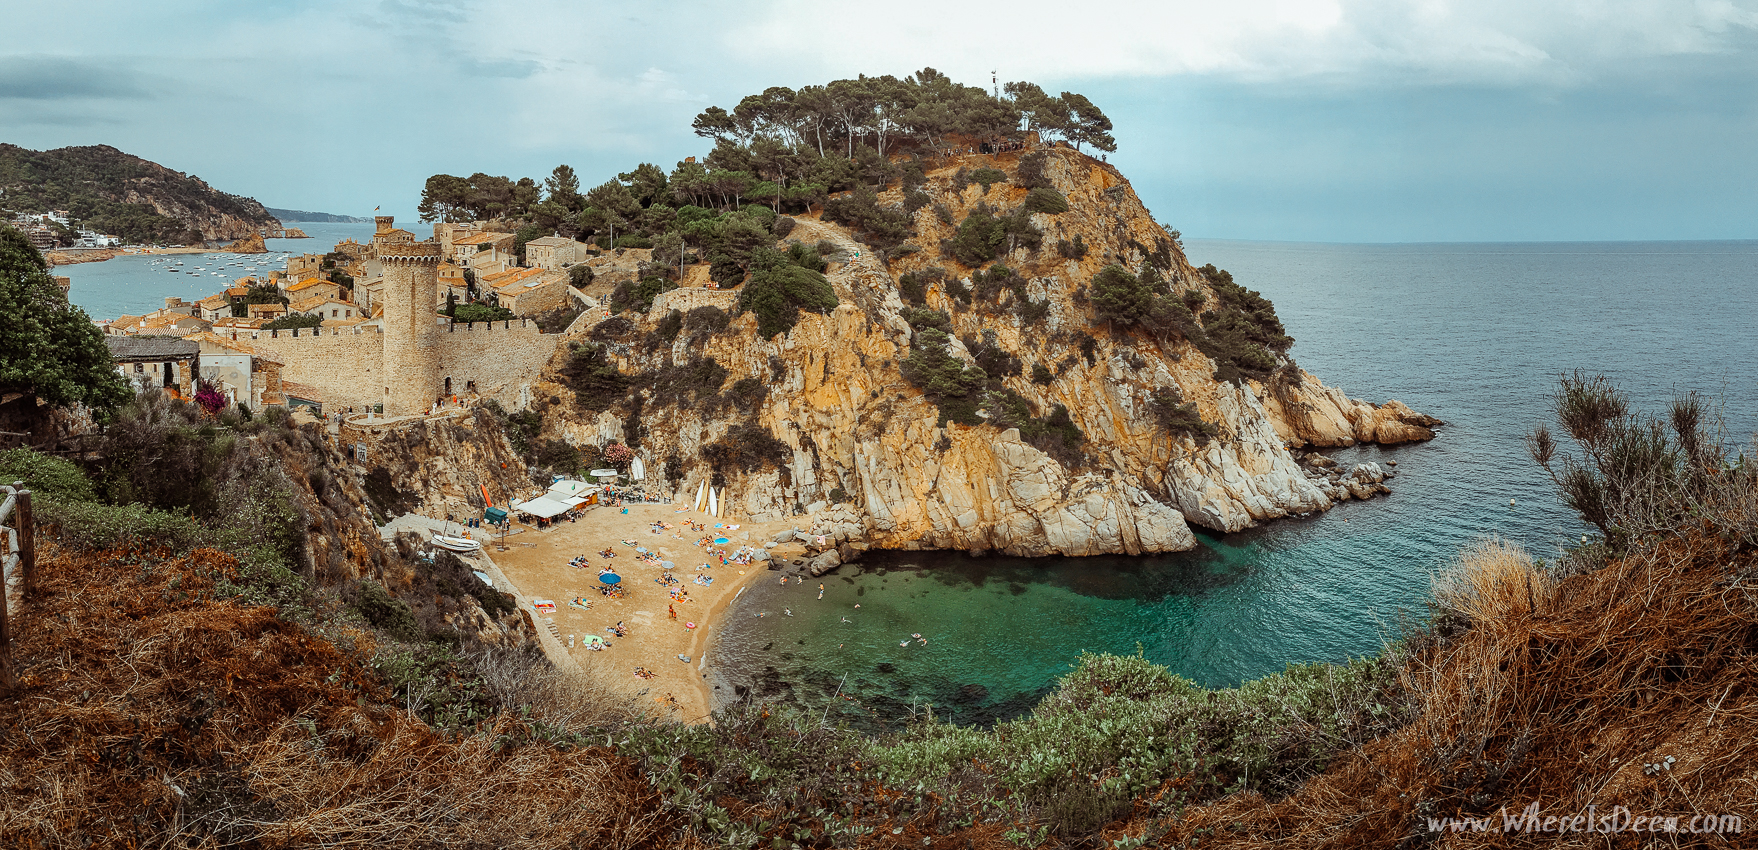 Discovering Costa Brava: Tossa de Mar